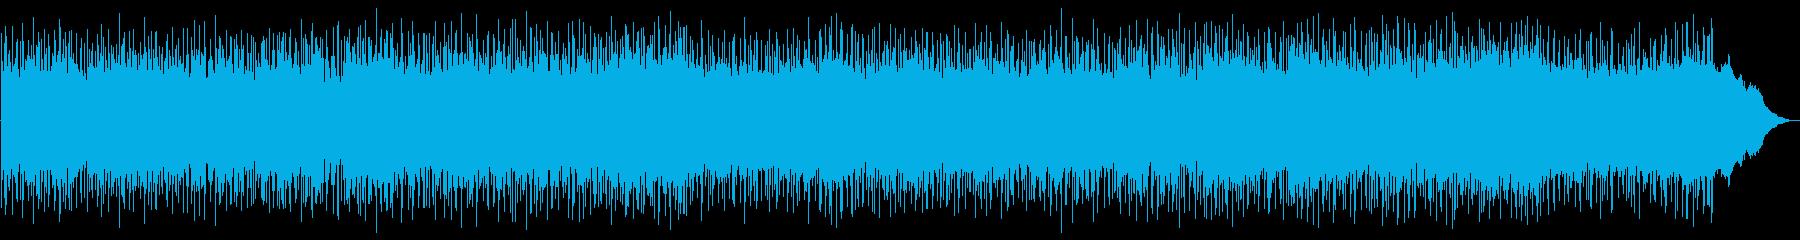 感傷的なメロディーのスローなボサノバですの再生済みの波形